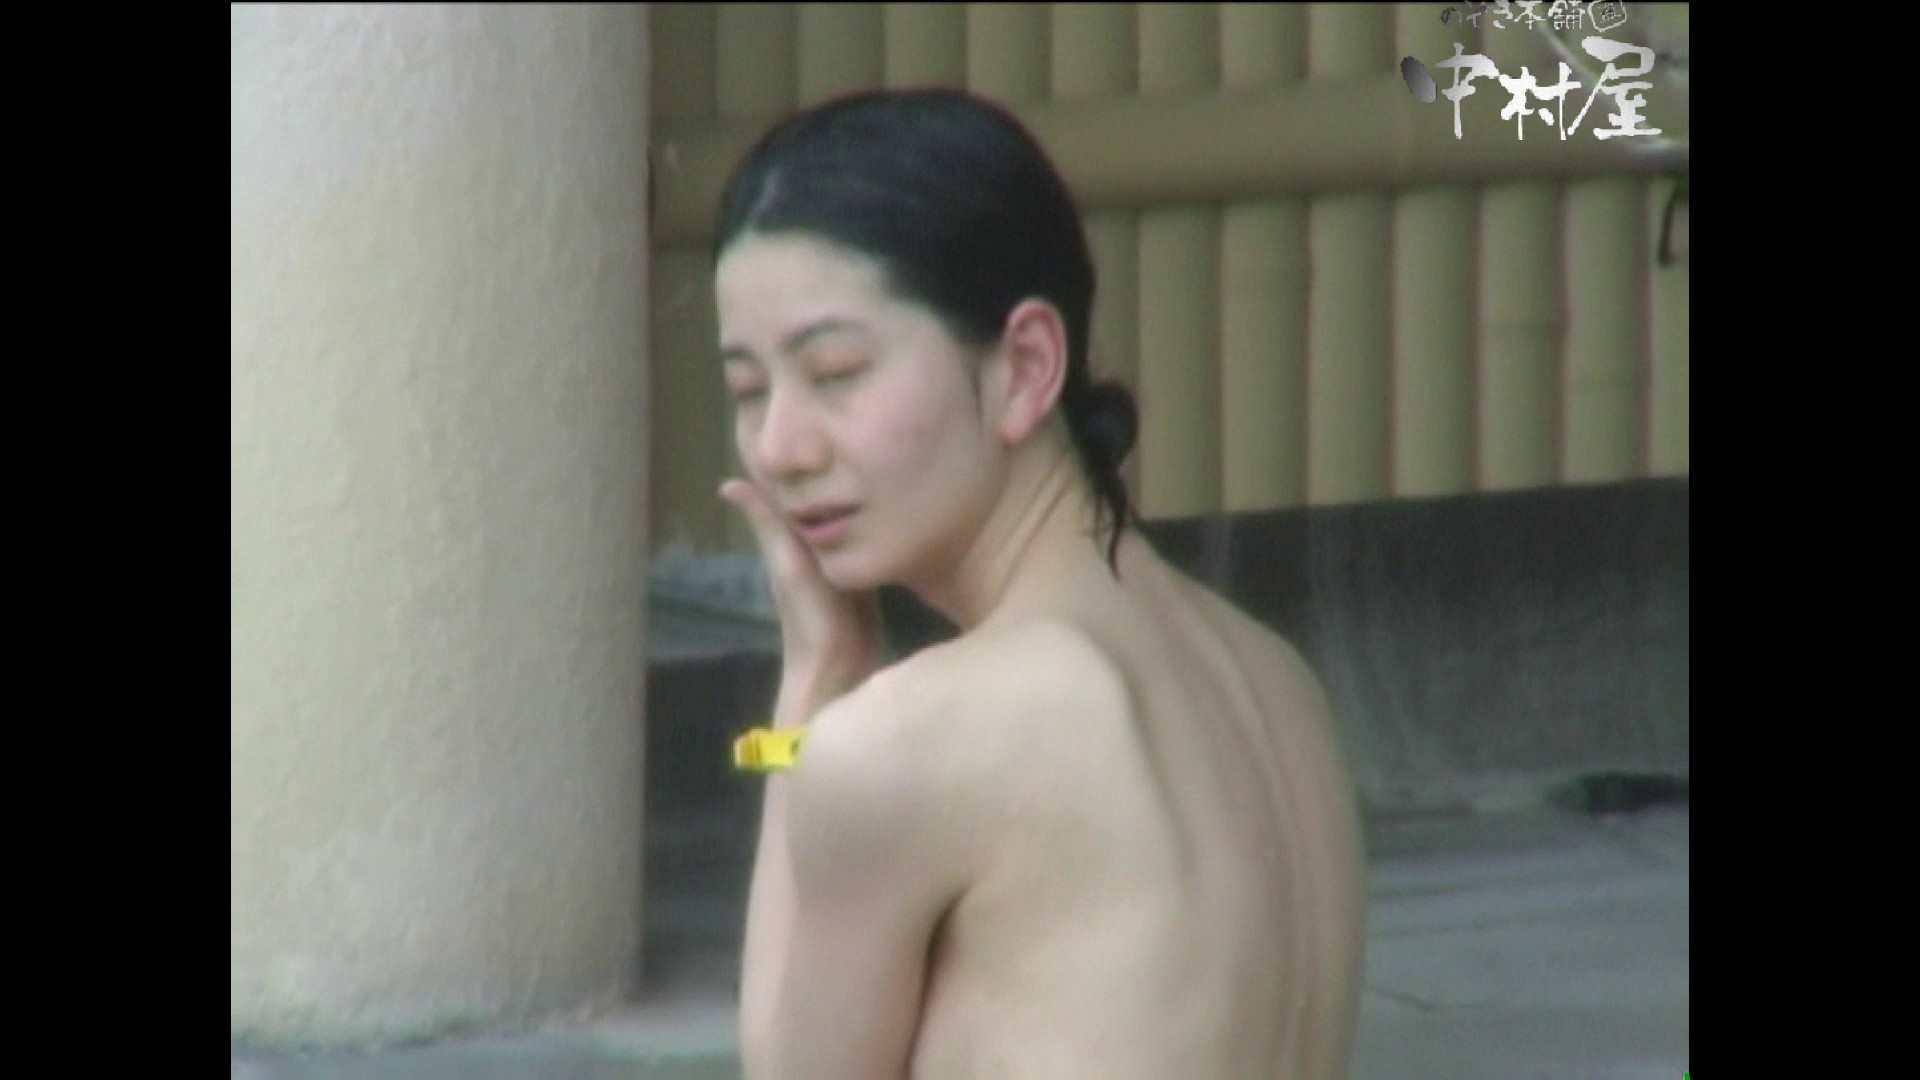 Aquaな露天風呂Vol.980 盗撮シリーズ  83PIX 40